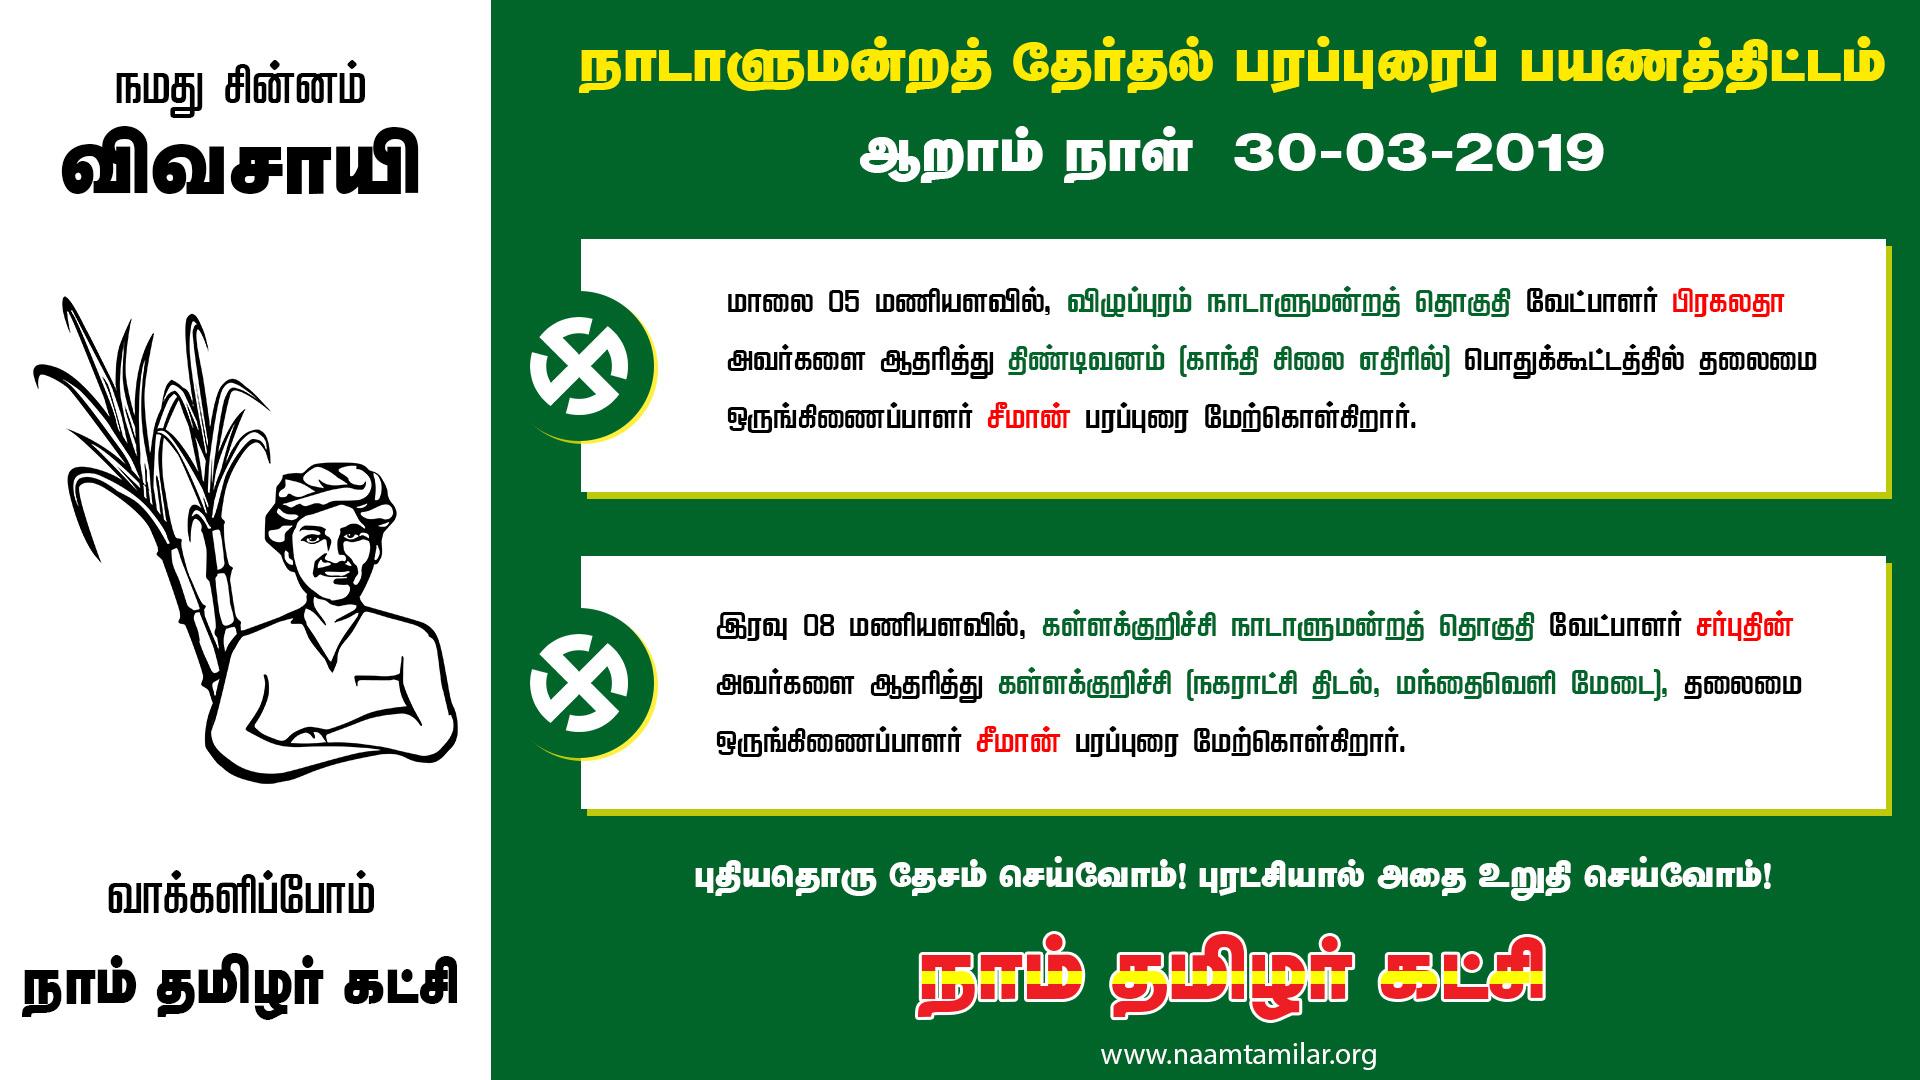 நாடாளுமன்றத் தேர்தல் பரப்புரைப் பயணத்திட்டம் – ஆறாம் நாள் (30-03-2019)